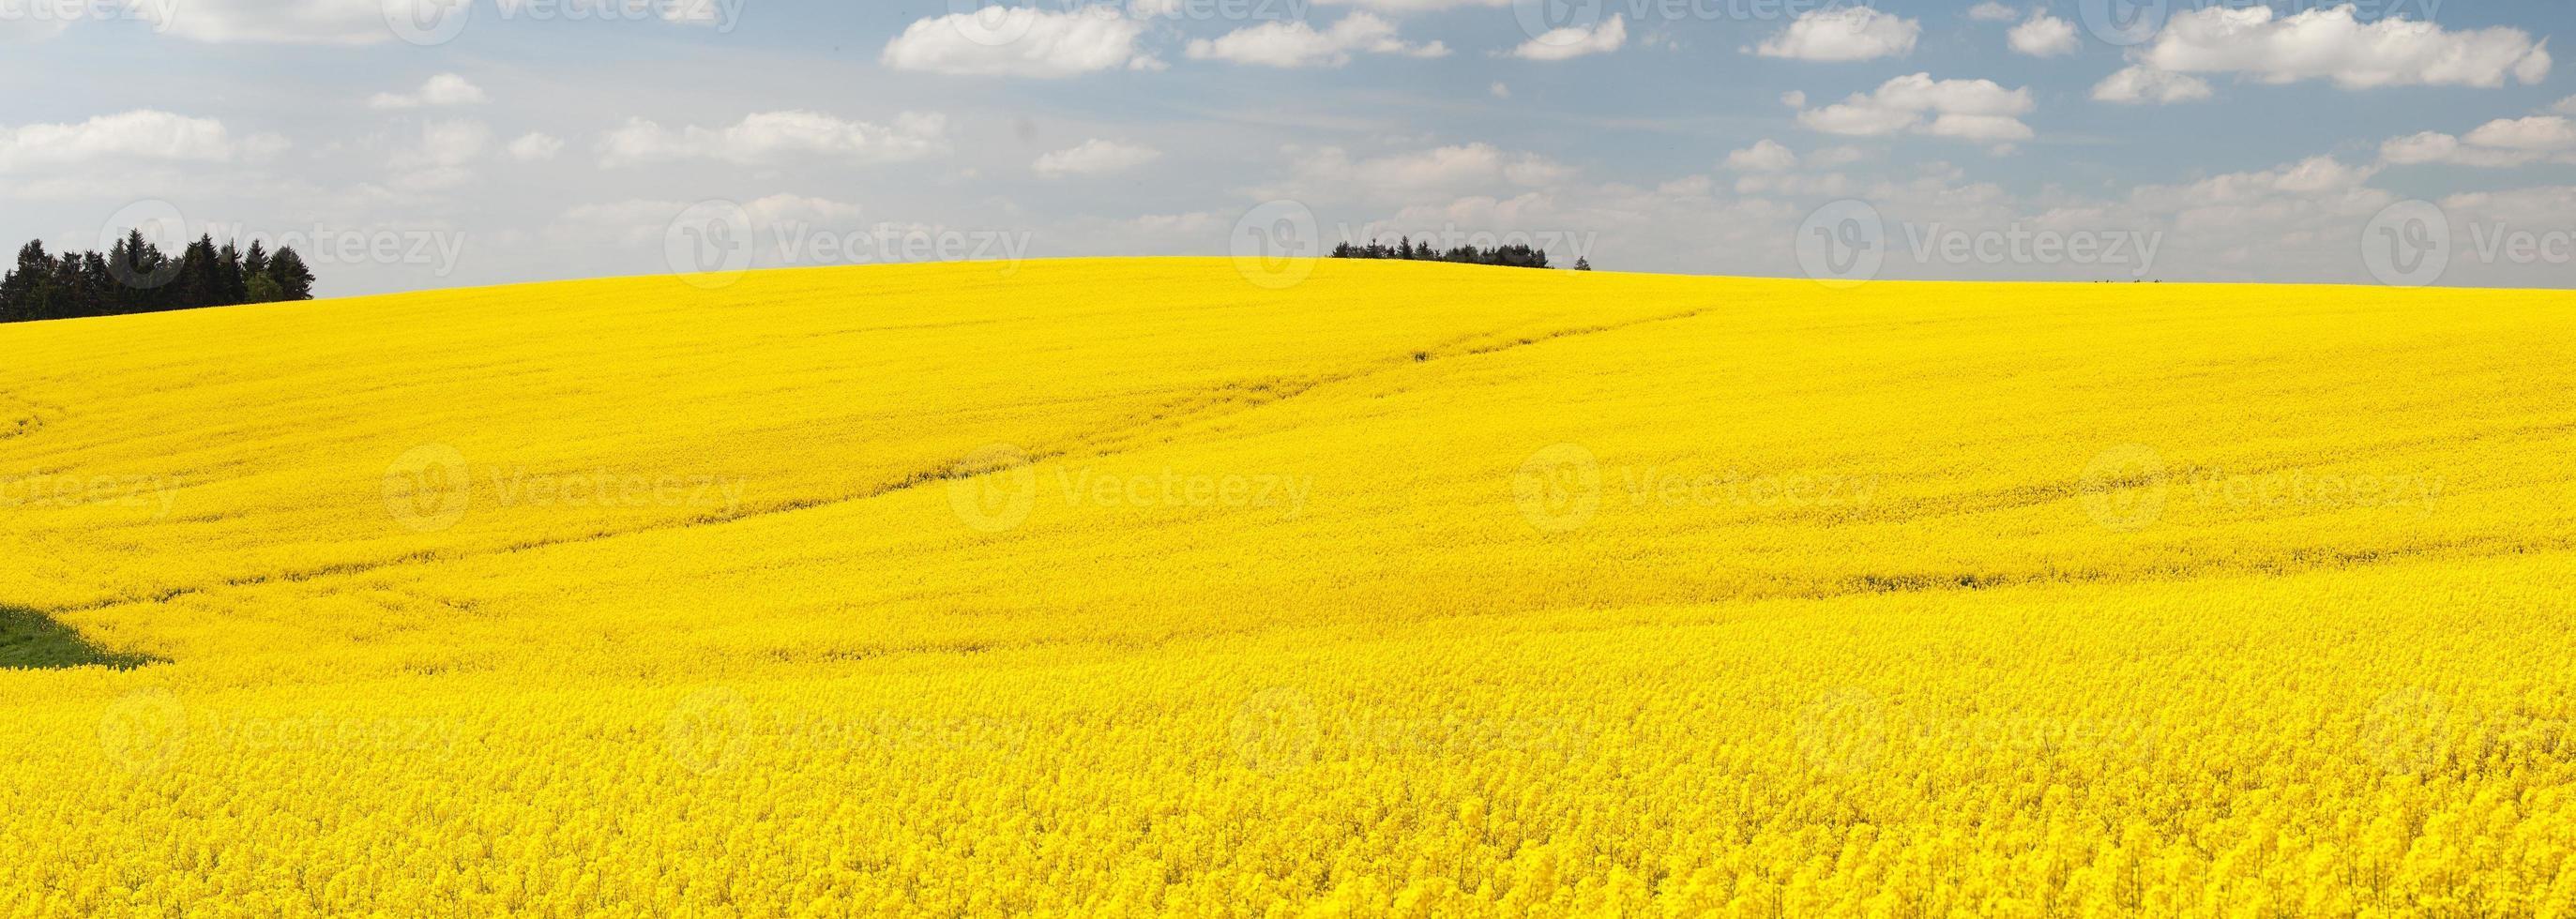 panoramautsikt över blommande fält av raps - brassica napus foto